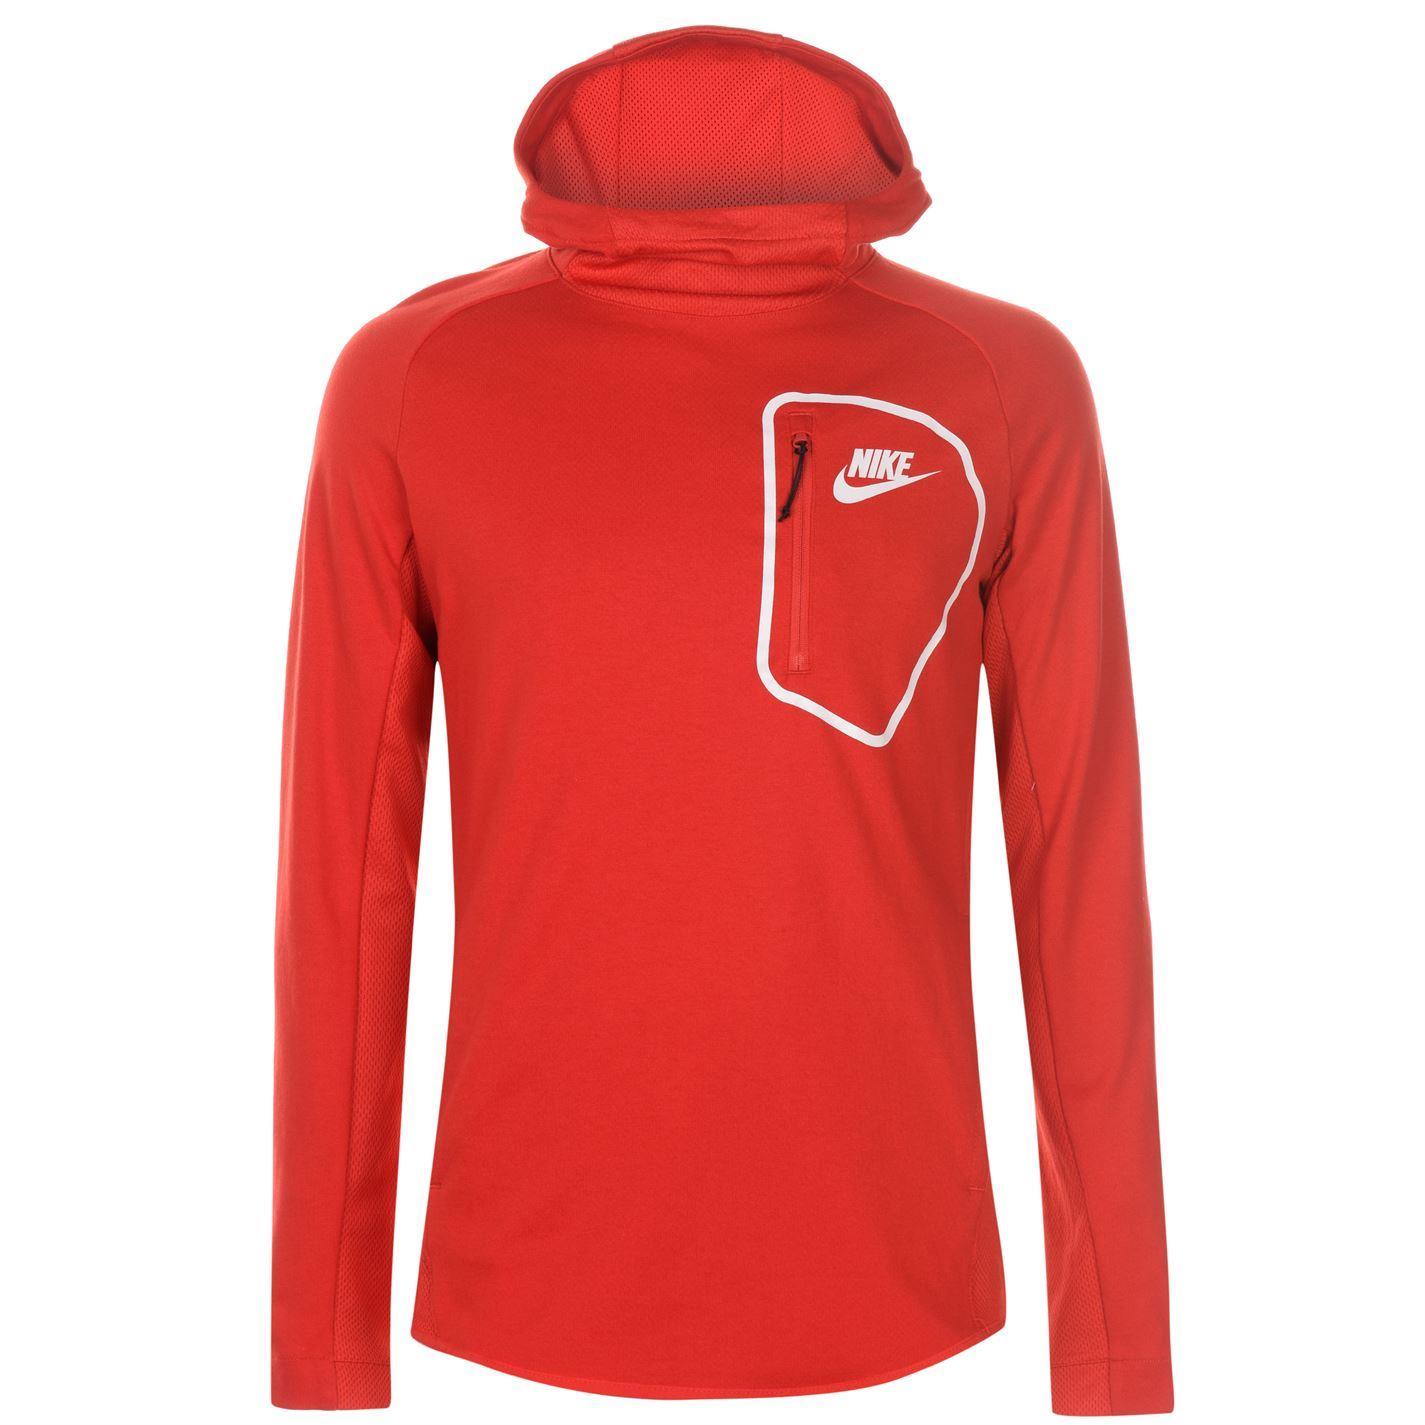 Nike-AV15-Fleece-Pullover-Hoody-Mens-OTH-Hoodie-Sweatshirt-Sweater-Hooded-Top thumbnail 4